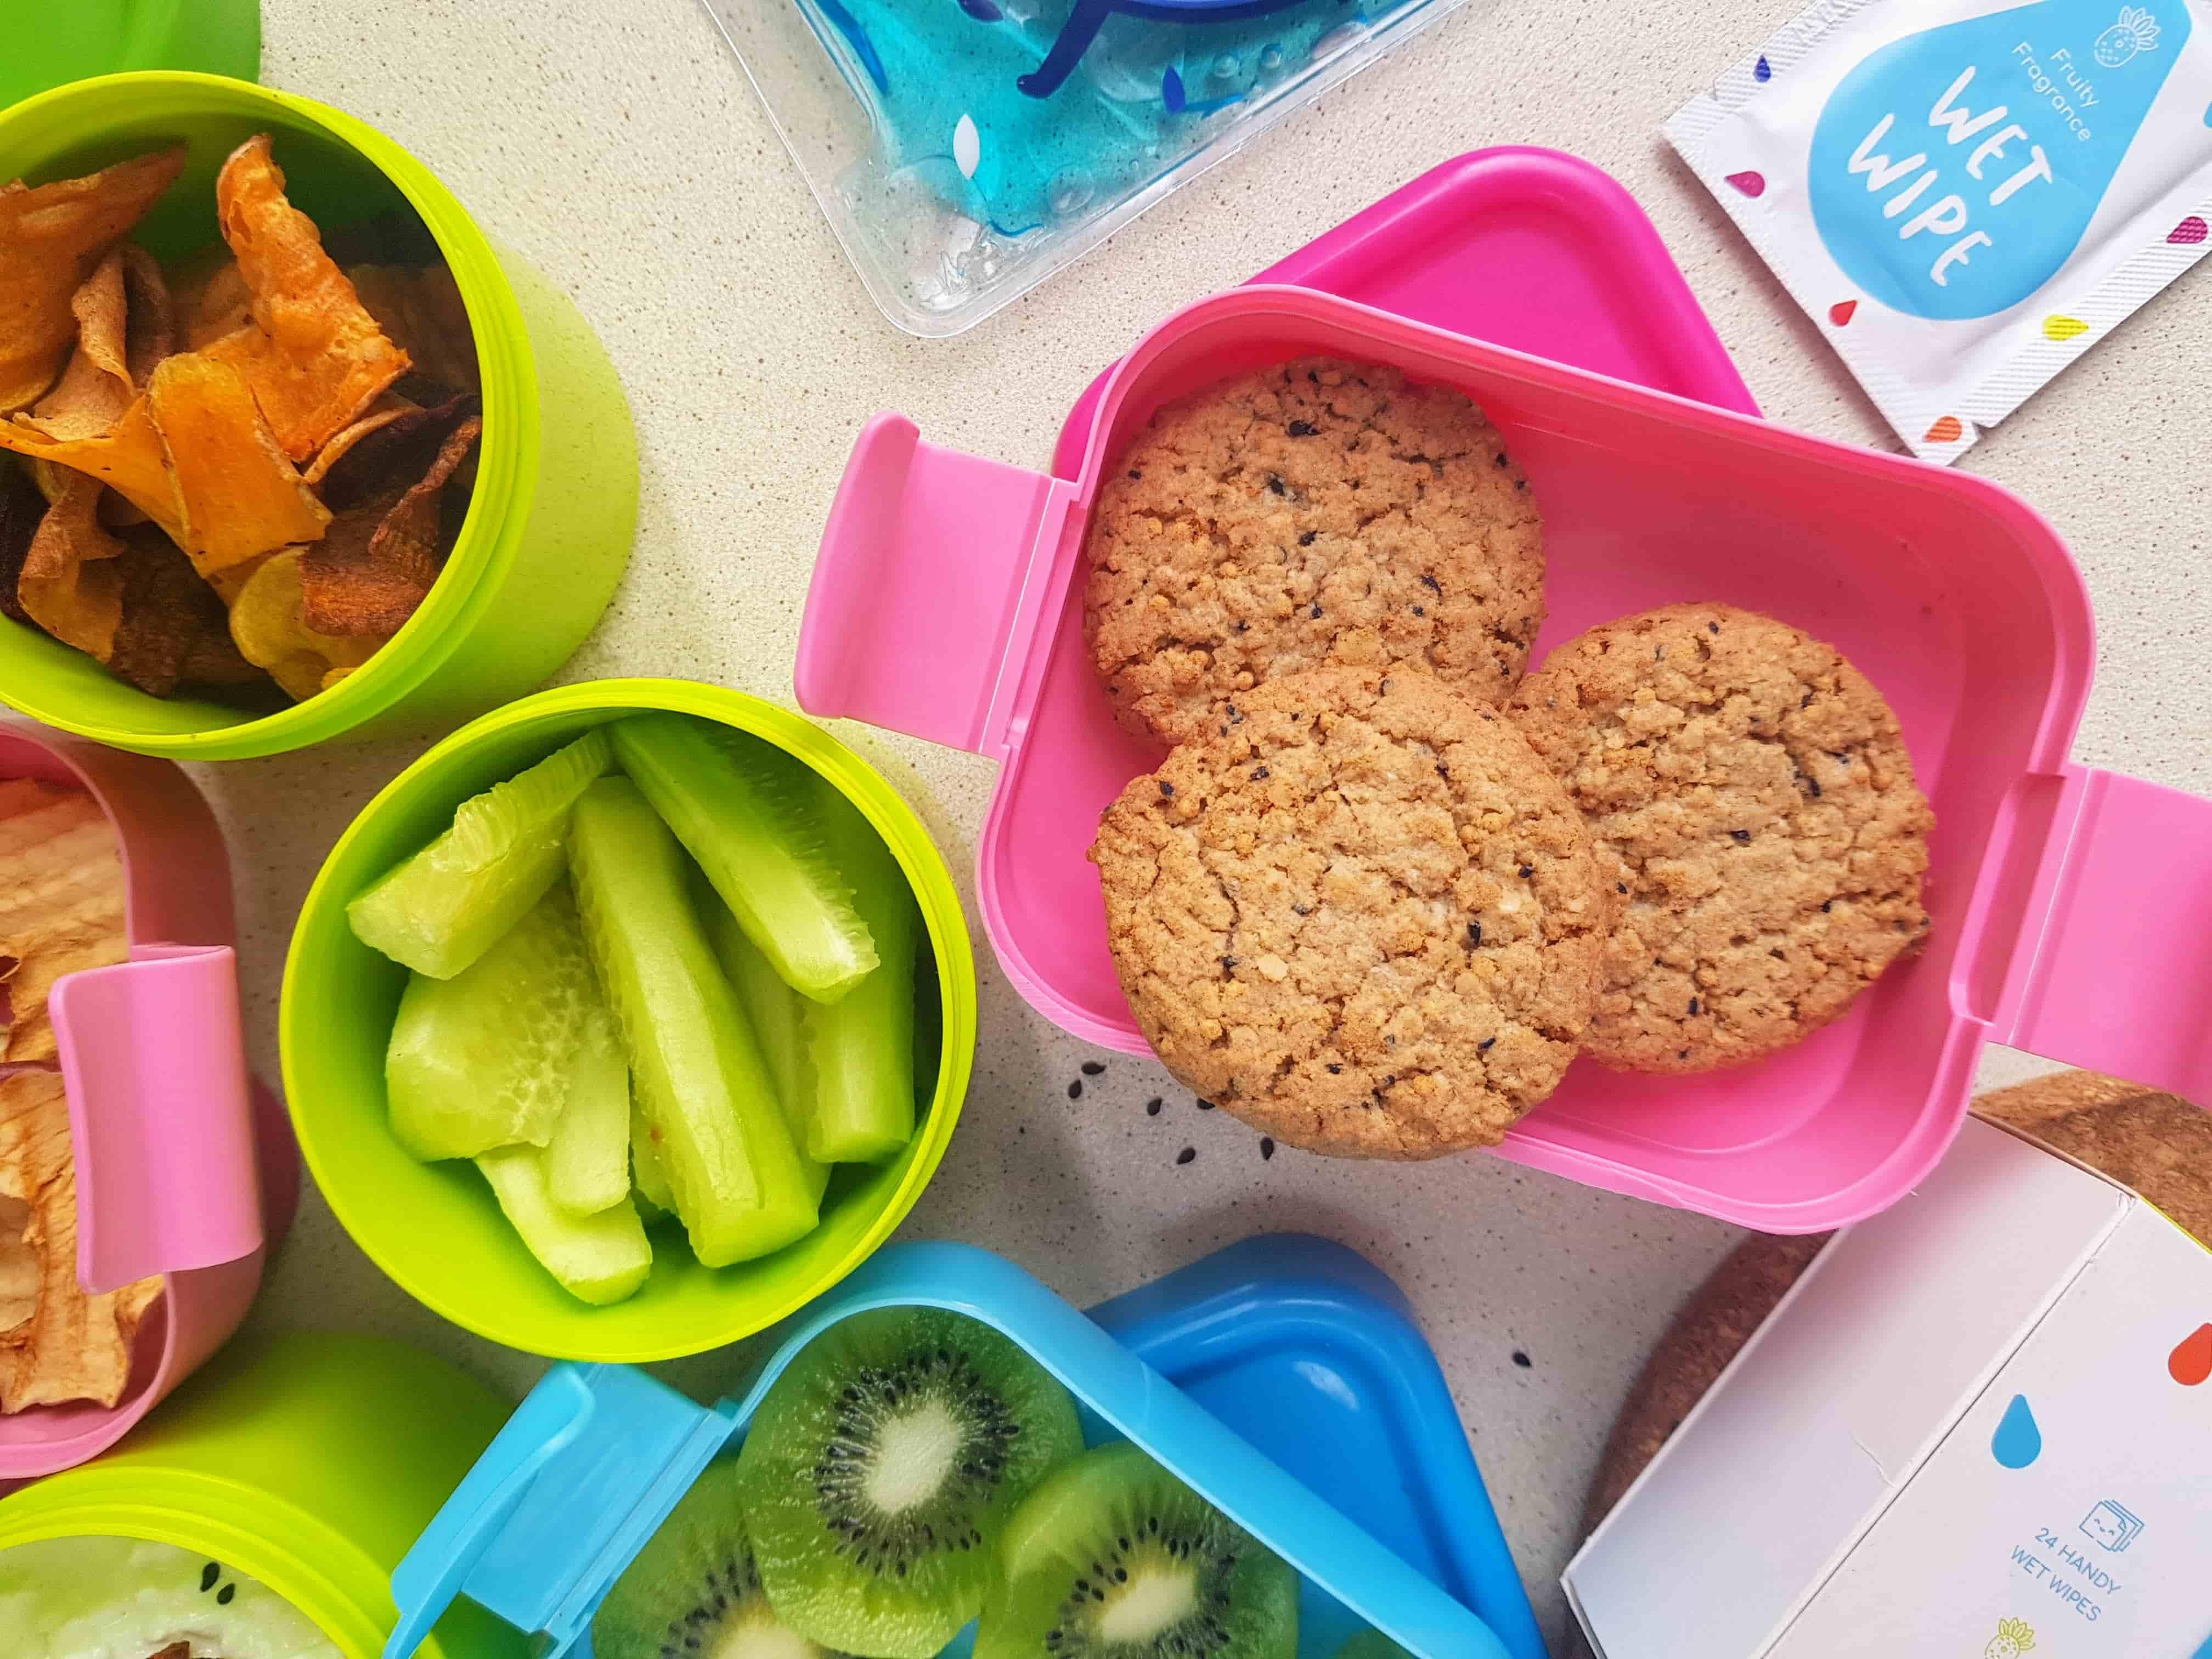 Zdrowe przekąski dla dzieci ciastka jaglane